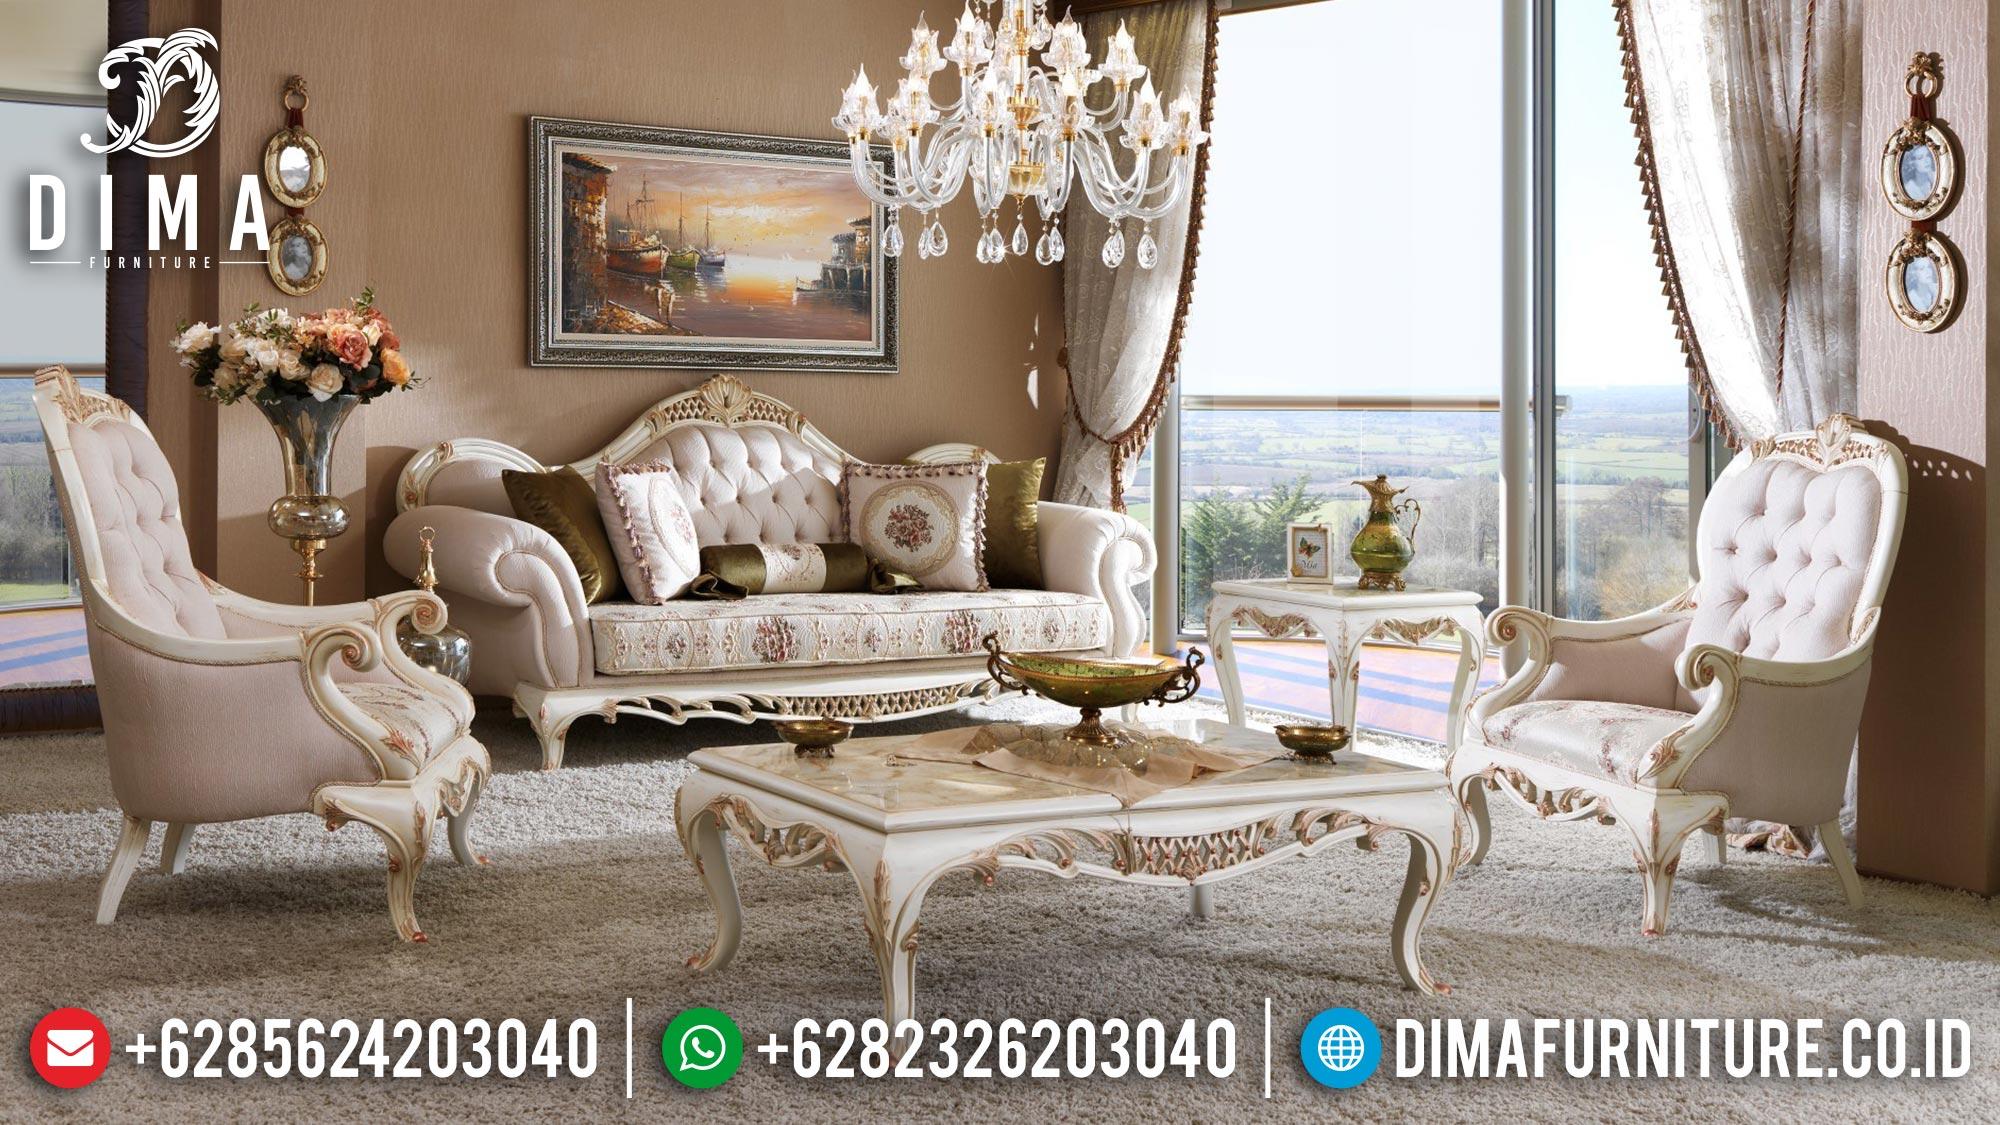 New Set Sofa Tamu Mewah Luxury Carving Classic Furniture Jepara Terbaru Mm-1059